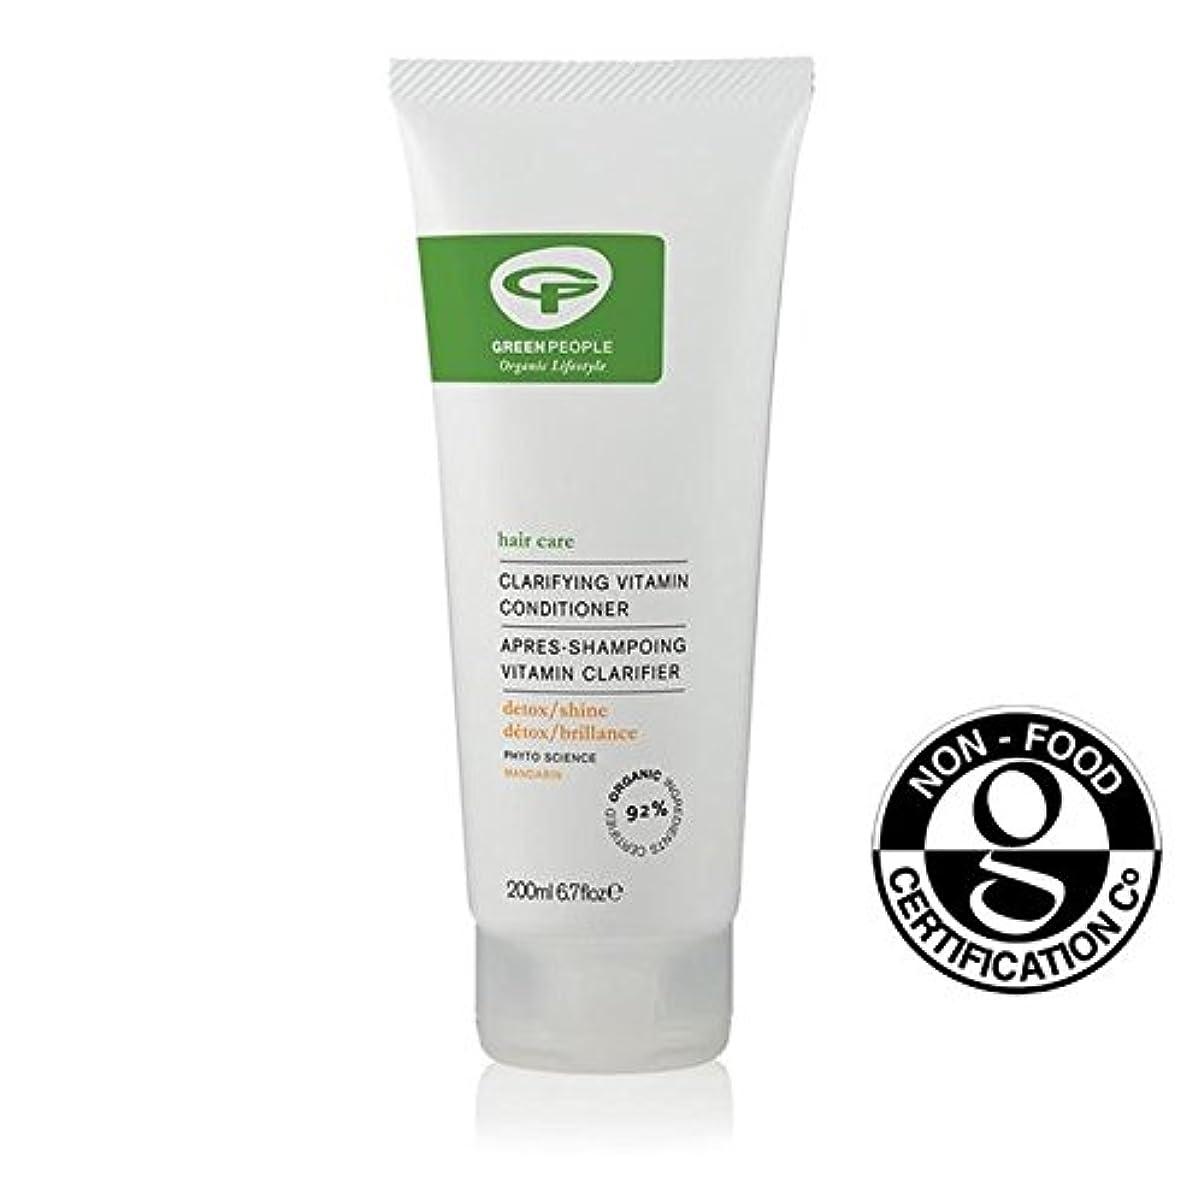 メディカルマニアック囚人Green People Organic Clarifying Vitamin Conditioner 200ml (Pack of 6) - 緑の人々の有機明確ビタミンコンディショナー200 x6 [並行輸入品]